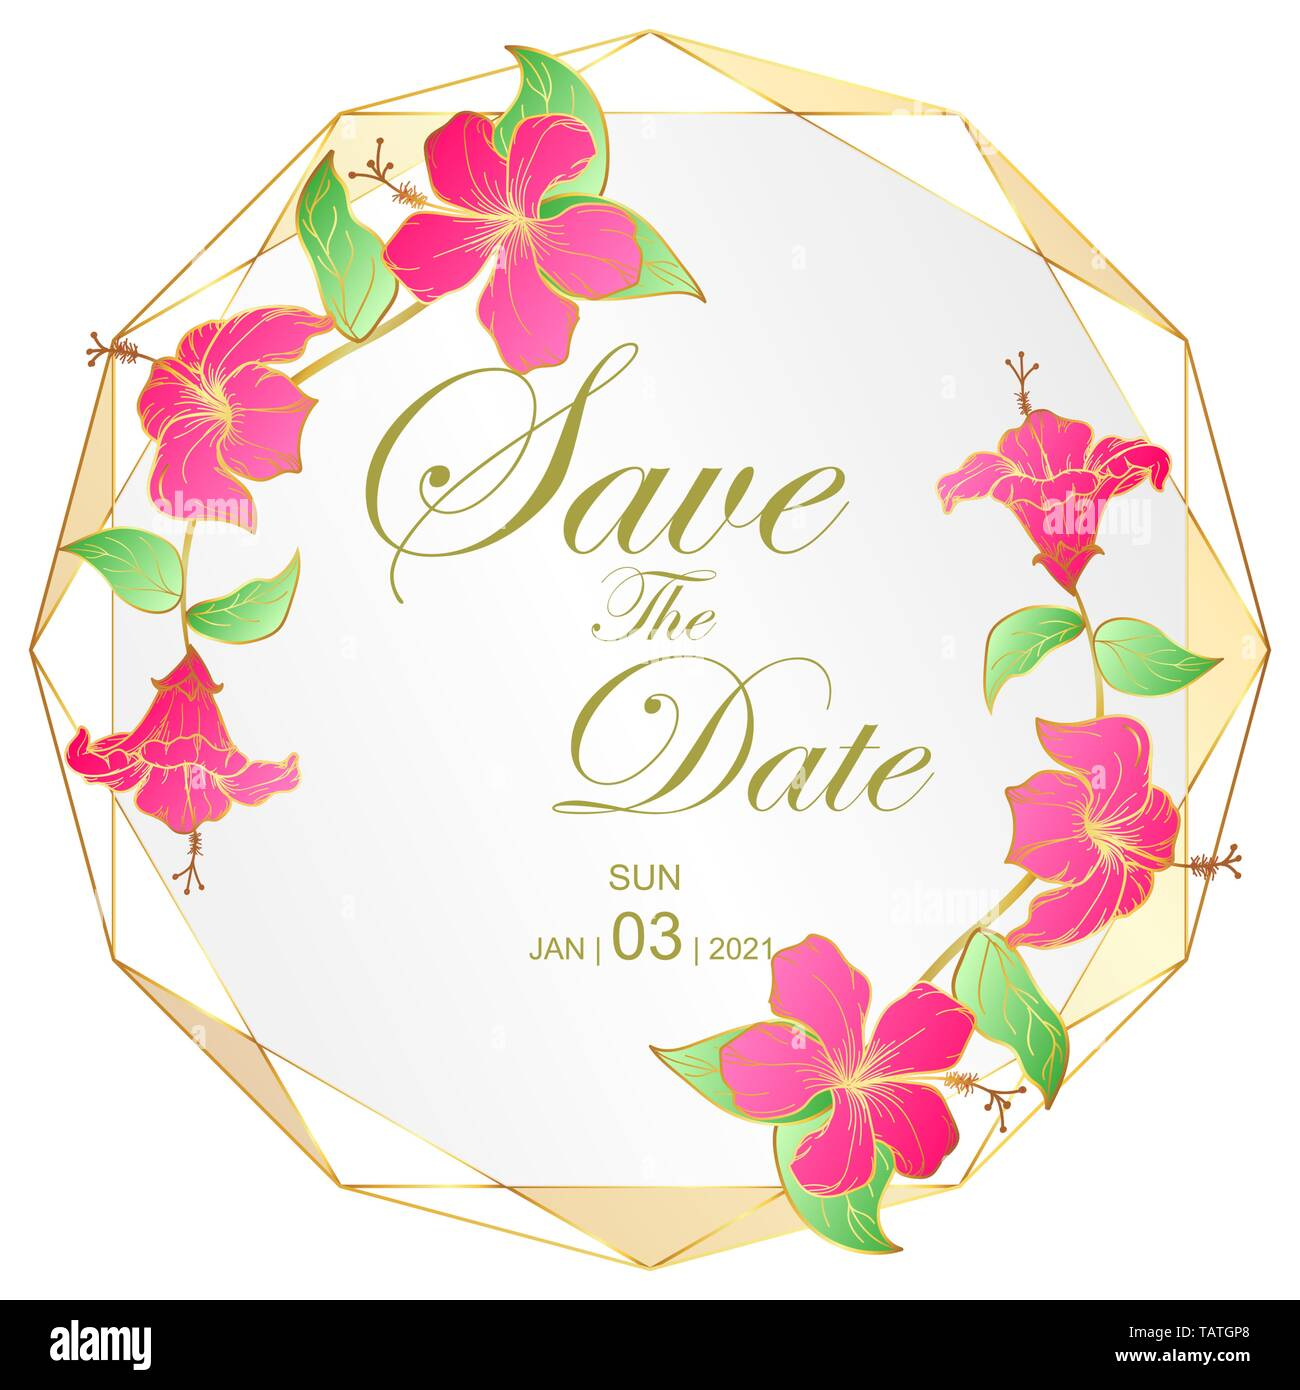 Goldene Hochzeit Einladung Karte Von Hibscus Blume Und